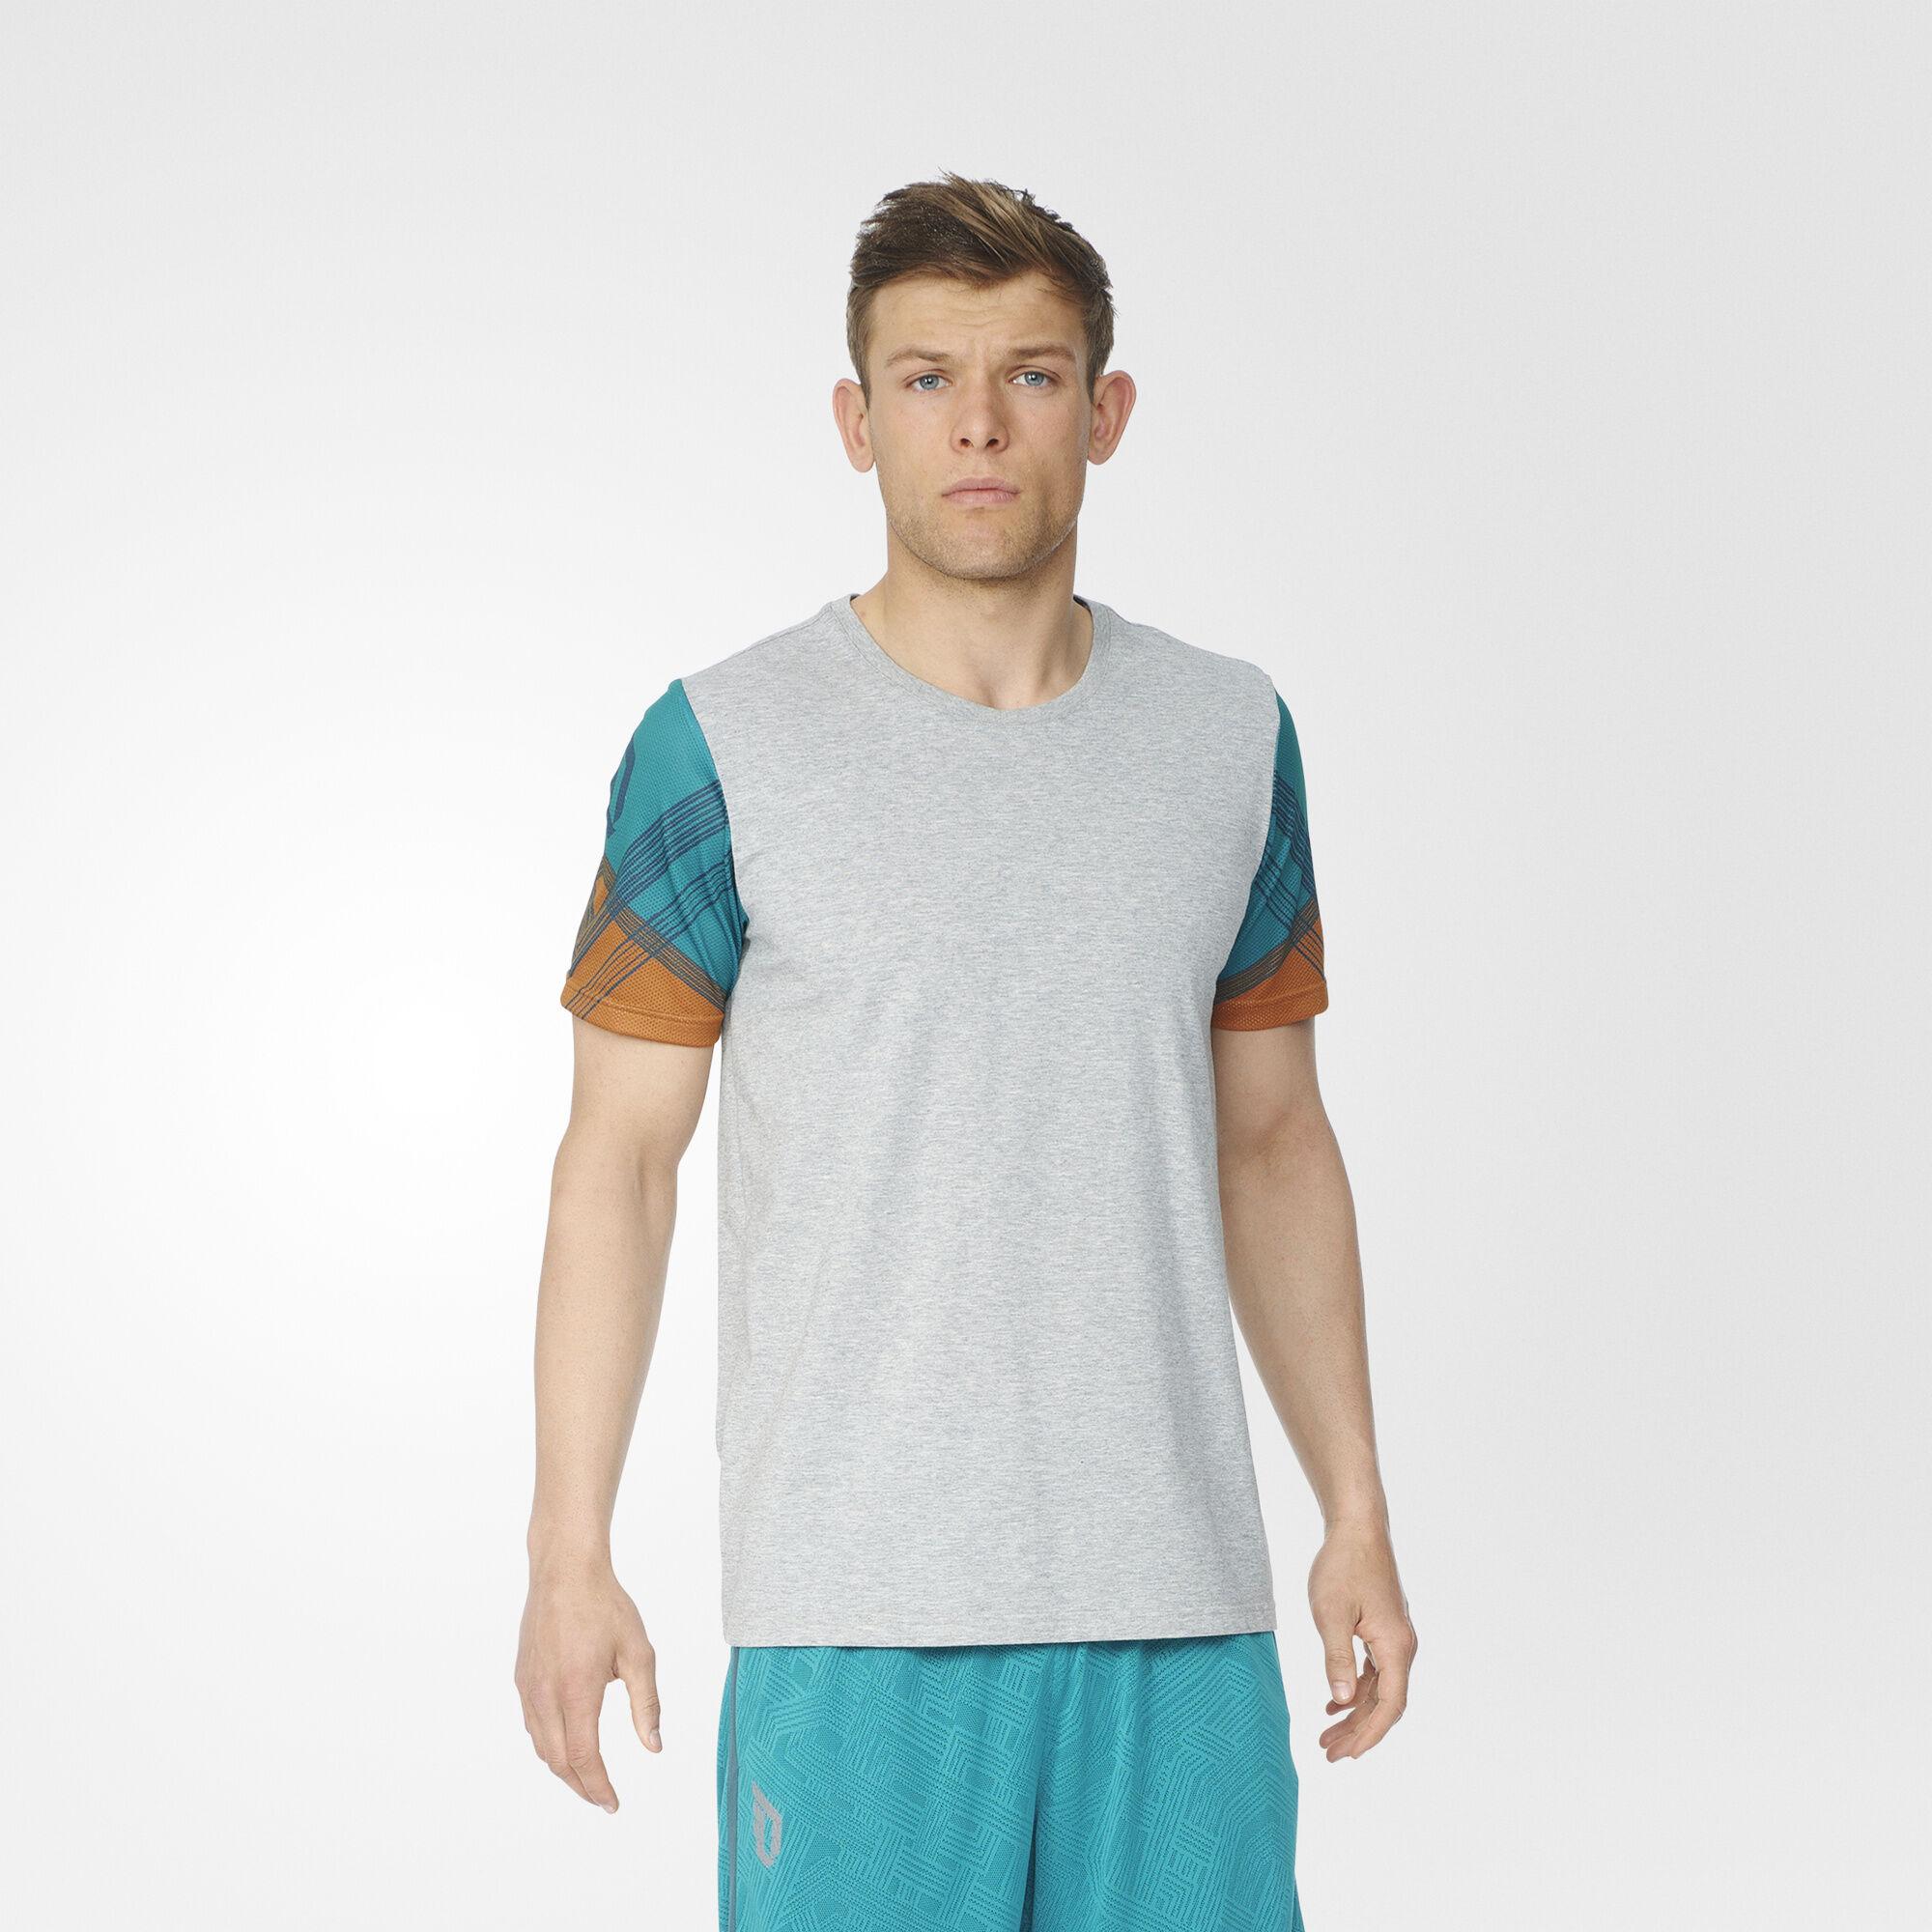 Camiseta dame honor for Sou abbigliamento